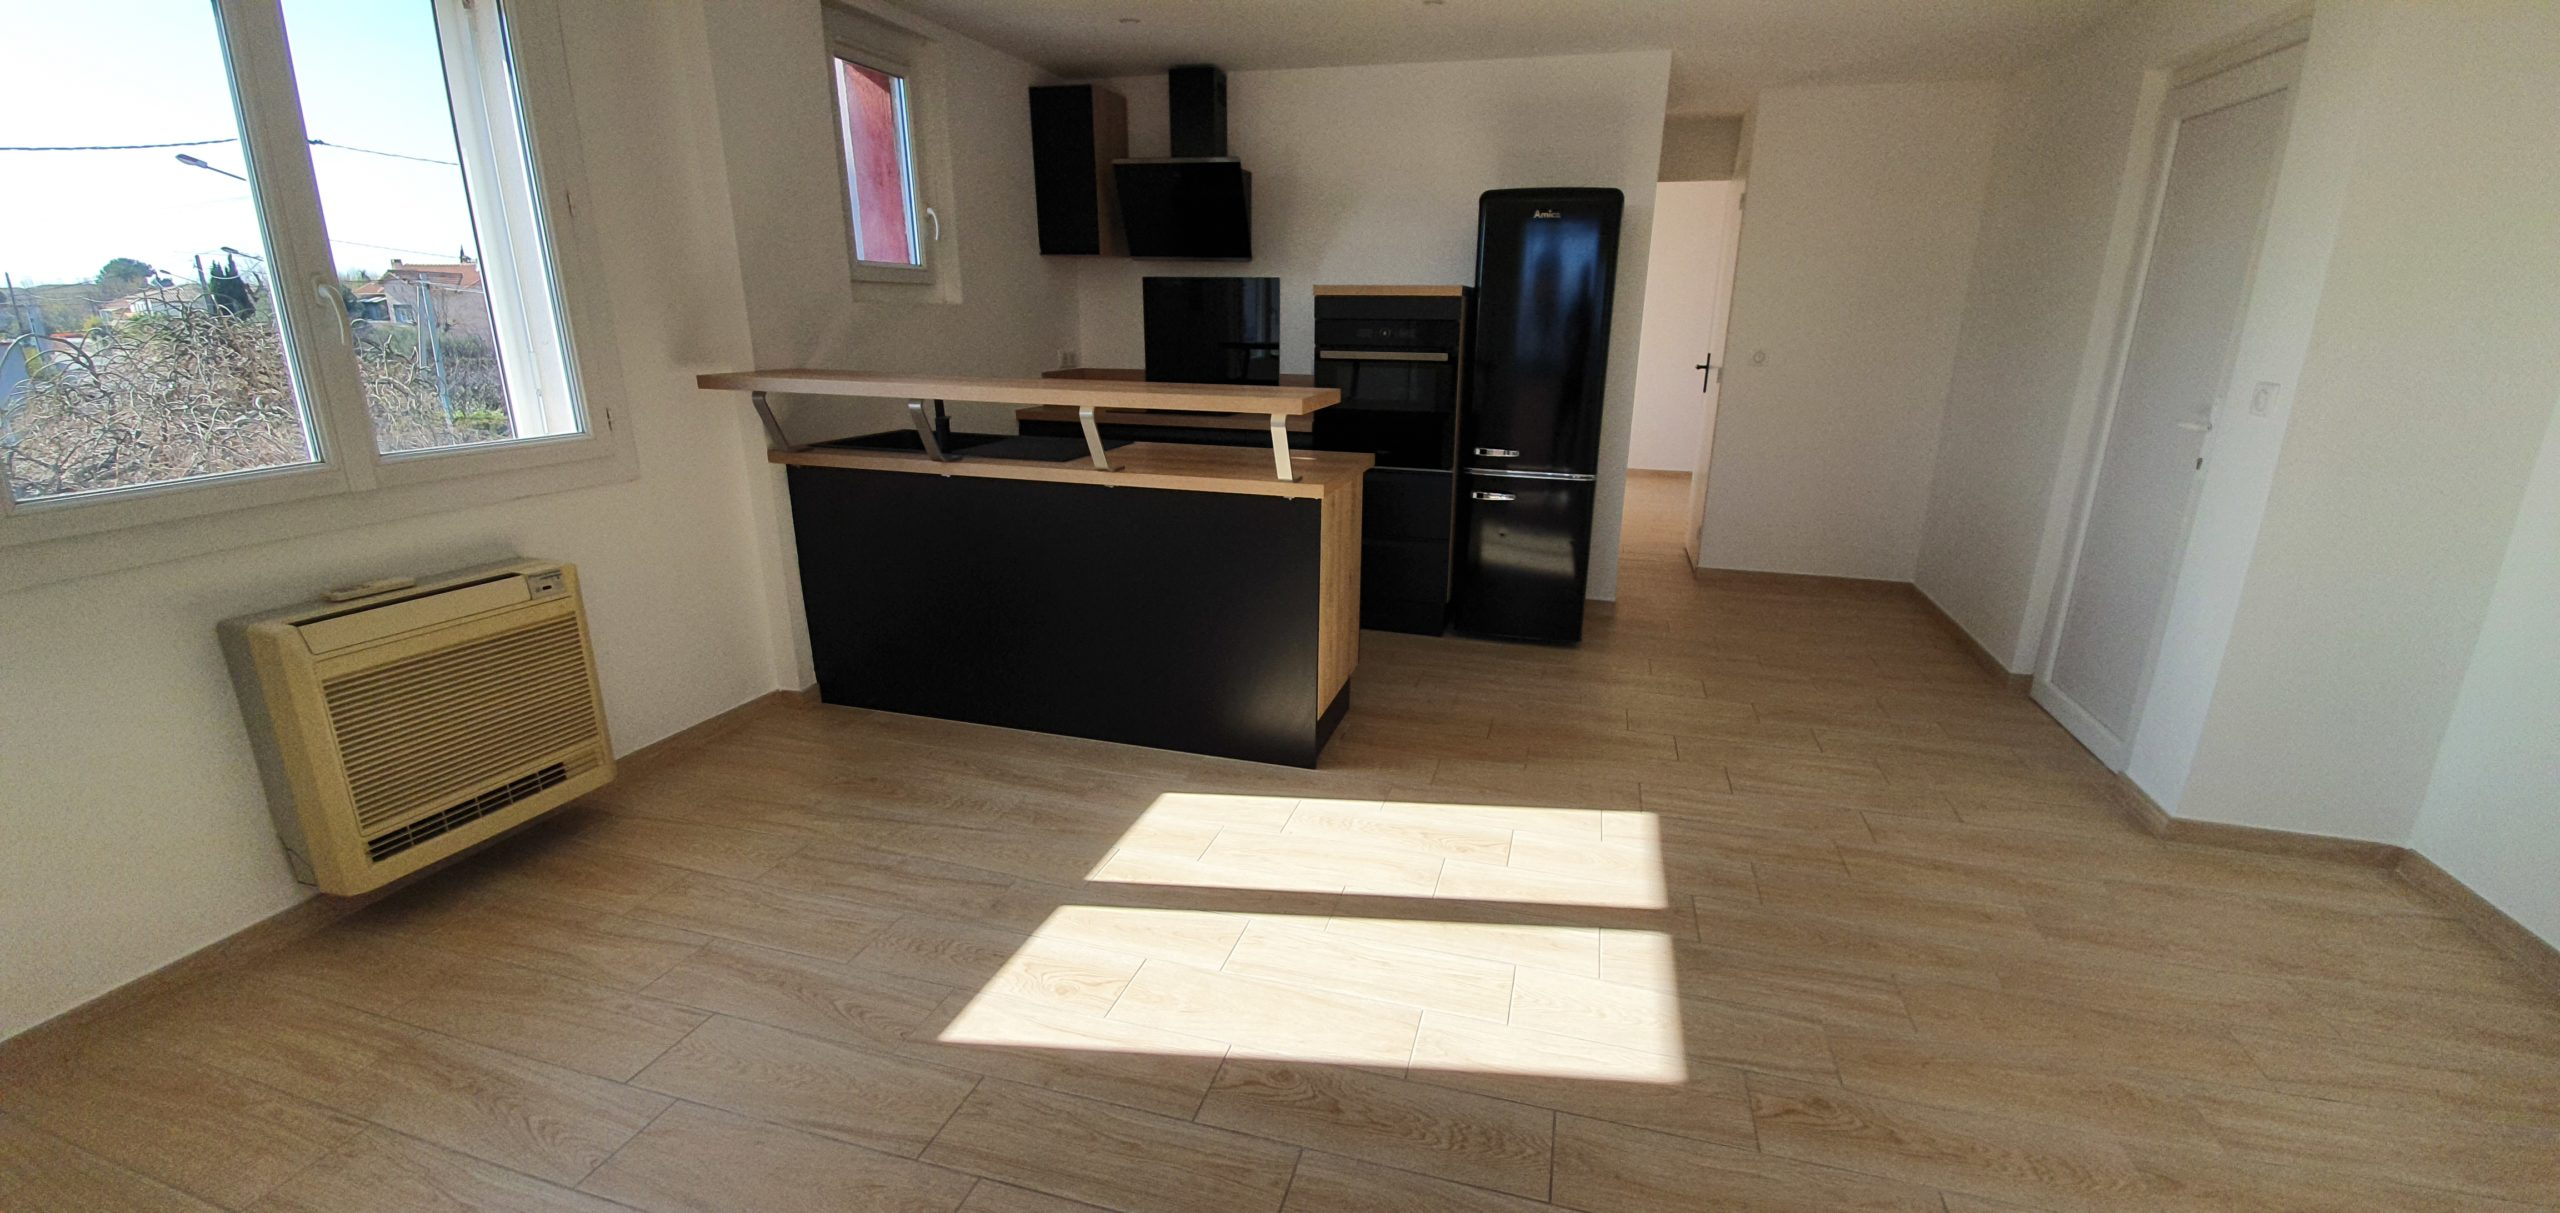 Marignane boulevard Clemenceau appartement de type 2 de 44.24 m2 + un balcon fermé et un balcon ouvert